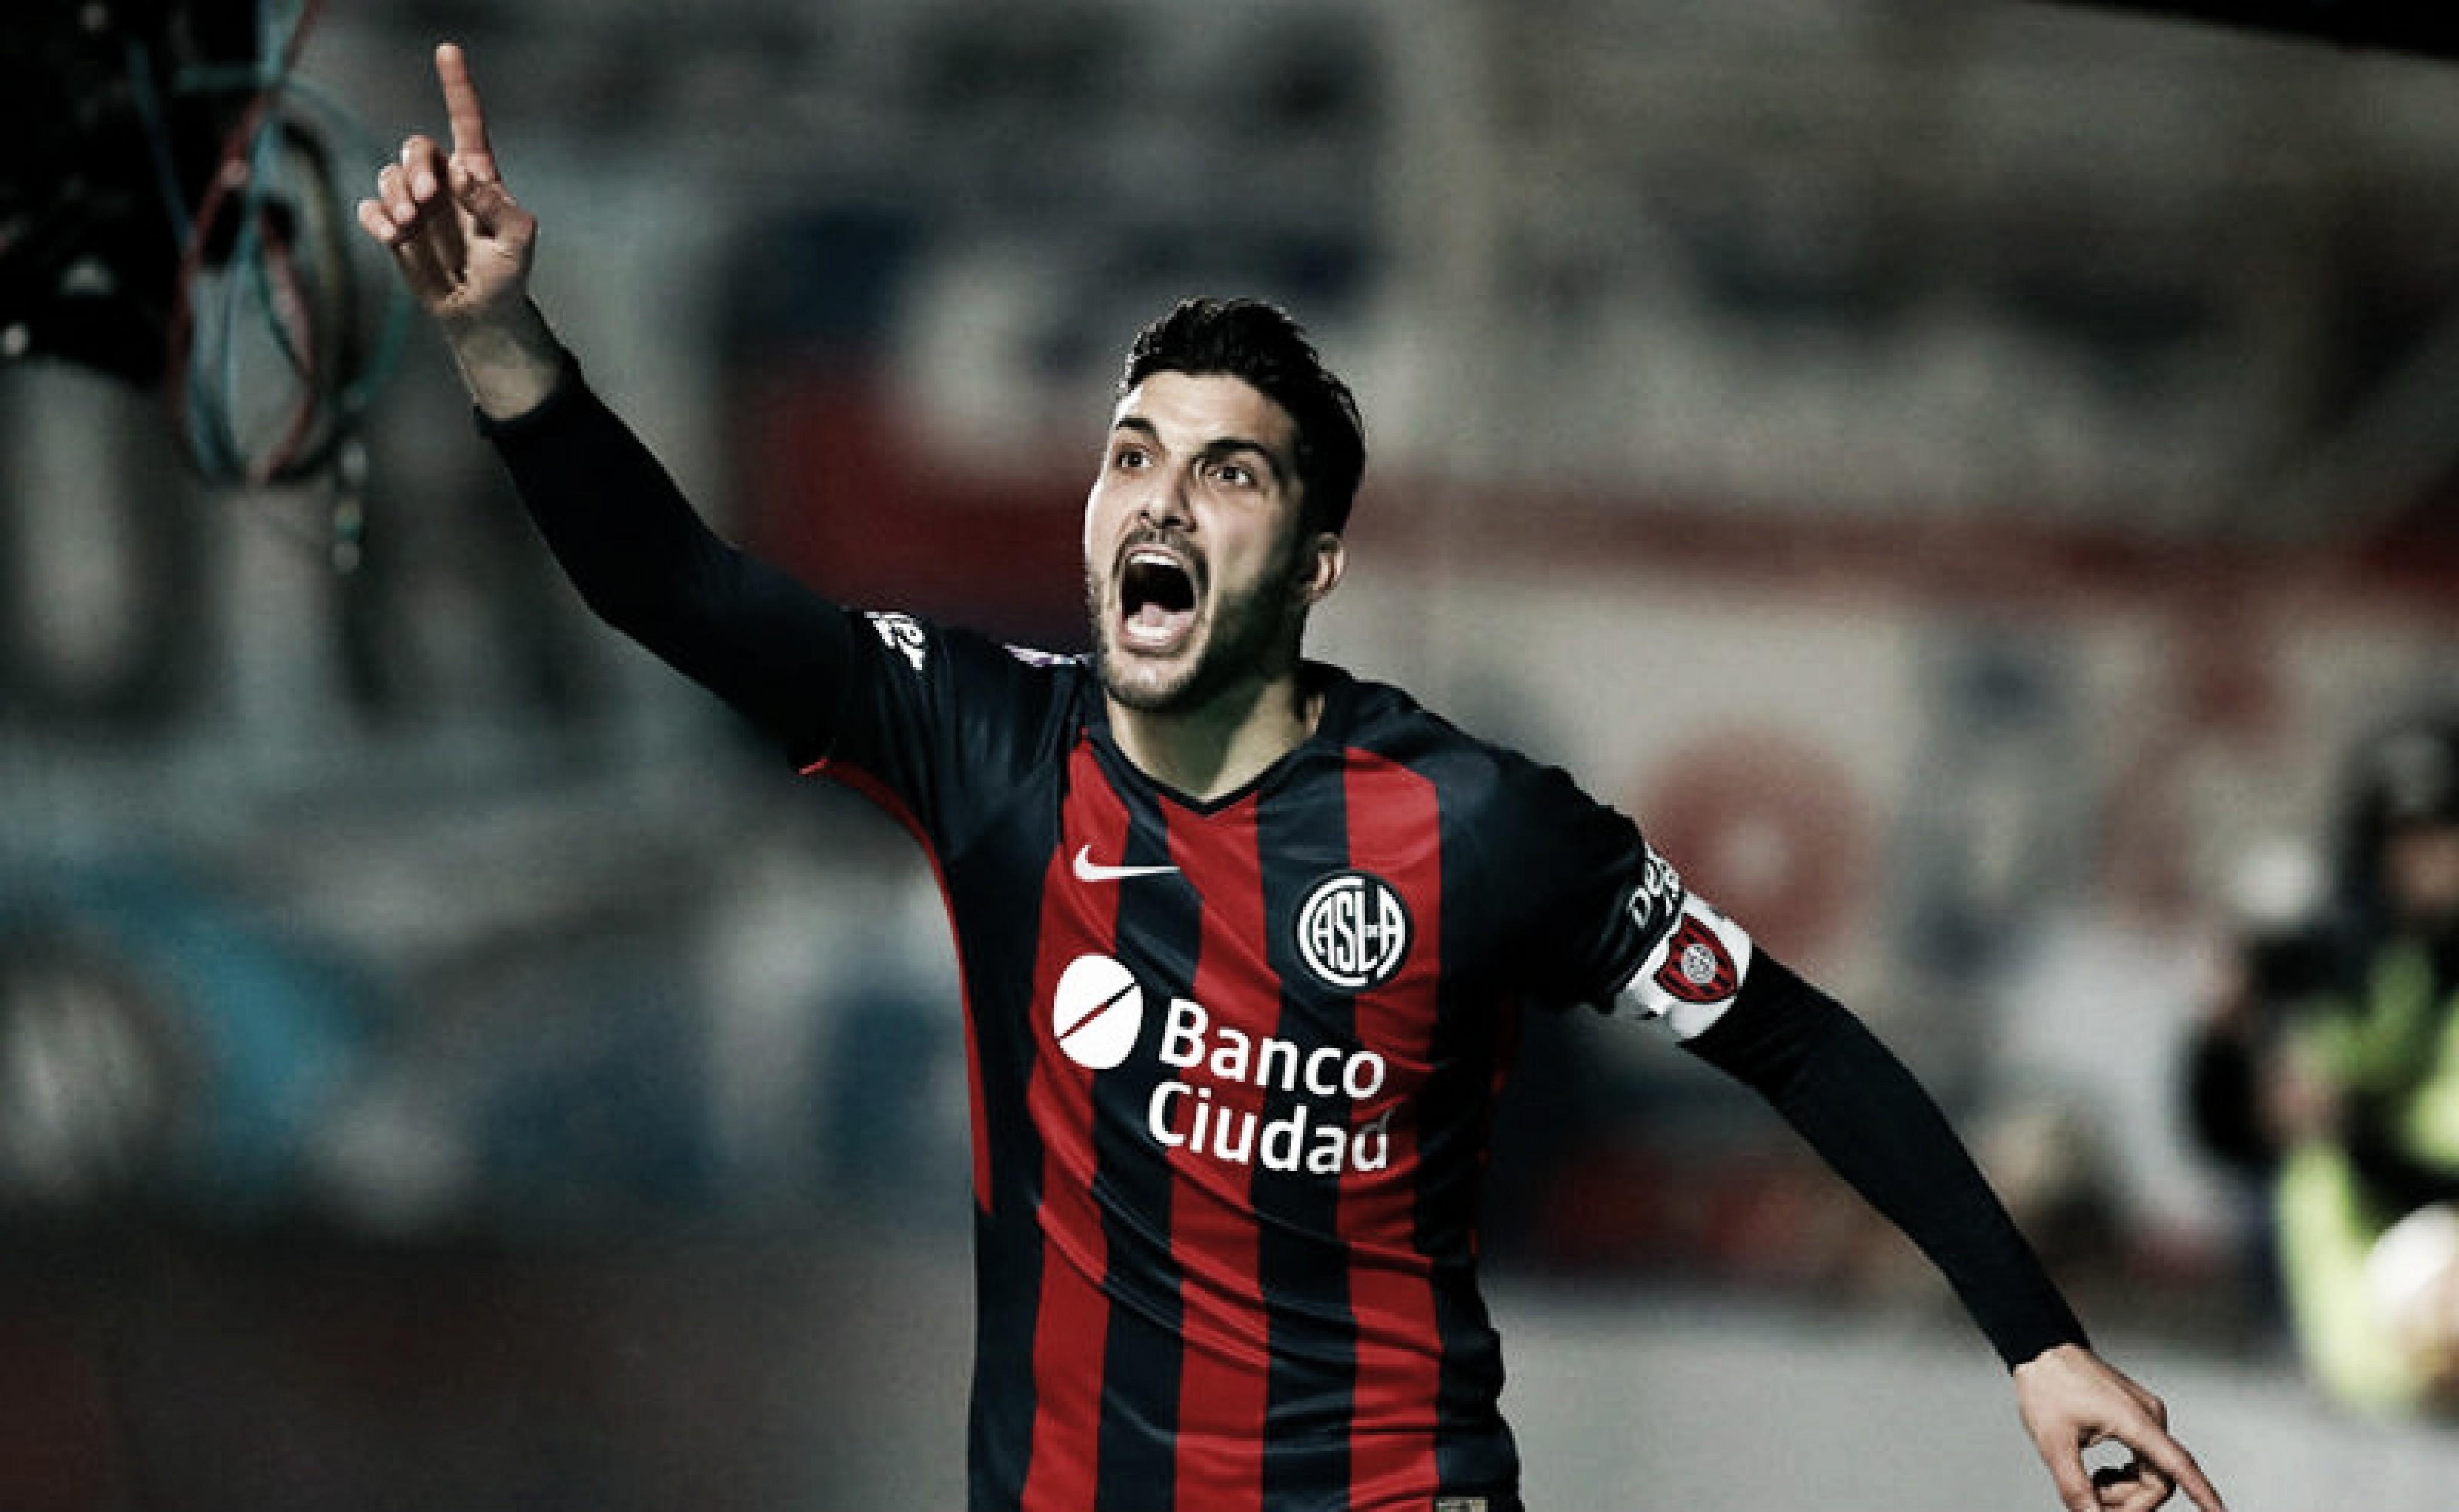 ¿Podrá San Lorenzo obtener su primera victoria en la Superliga ante el Tomba?